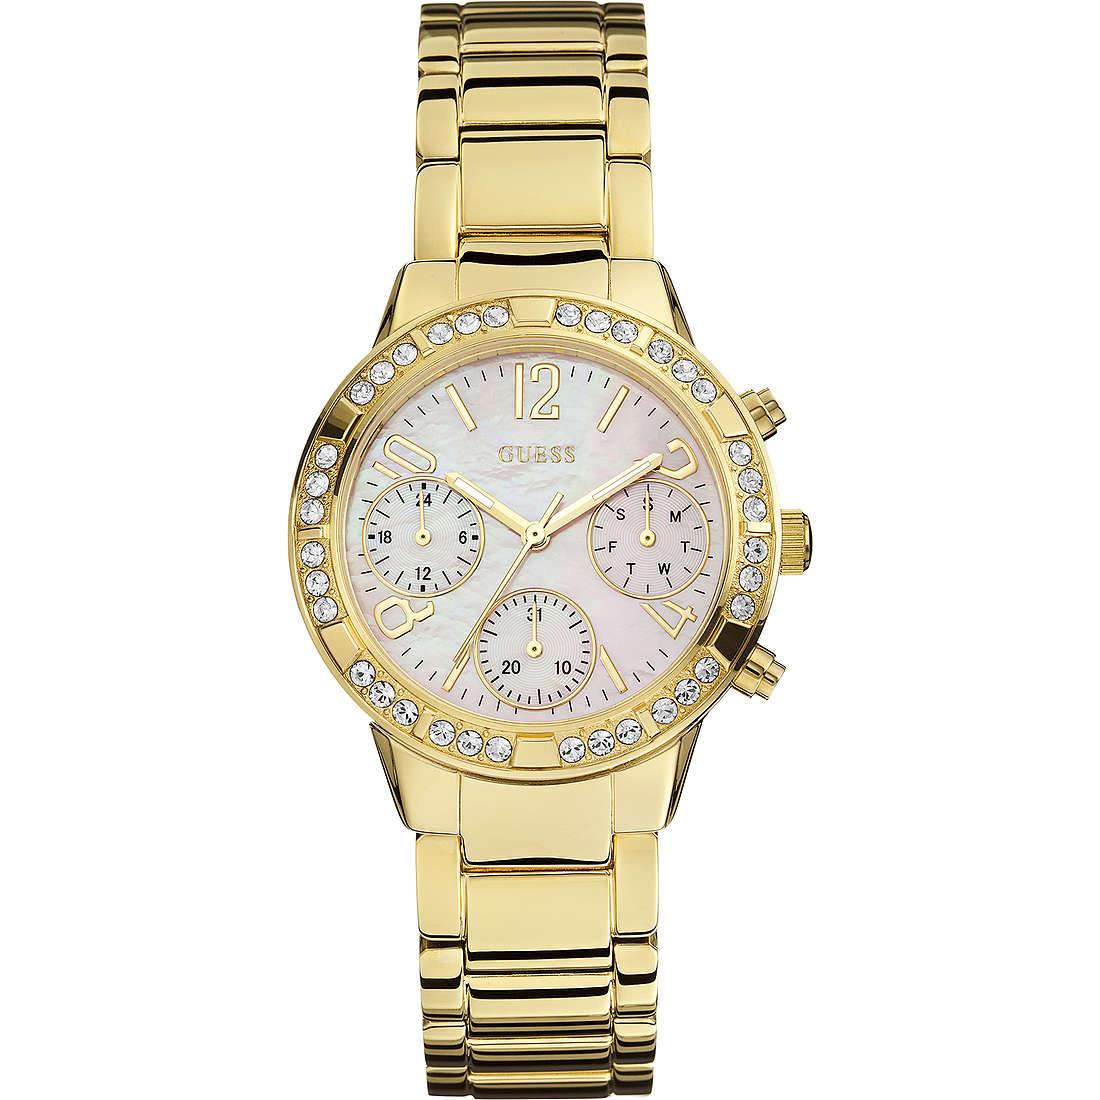 orologio multifunzione donna Guess Sport-Chic W0546L2